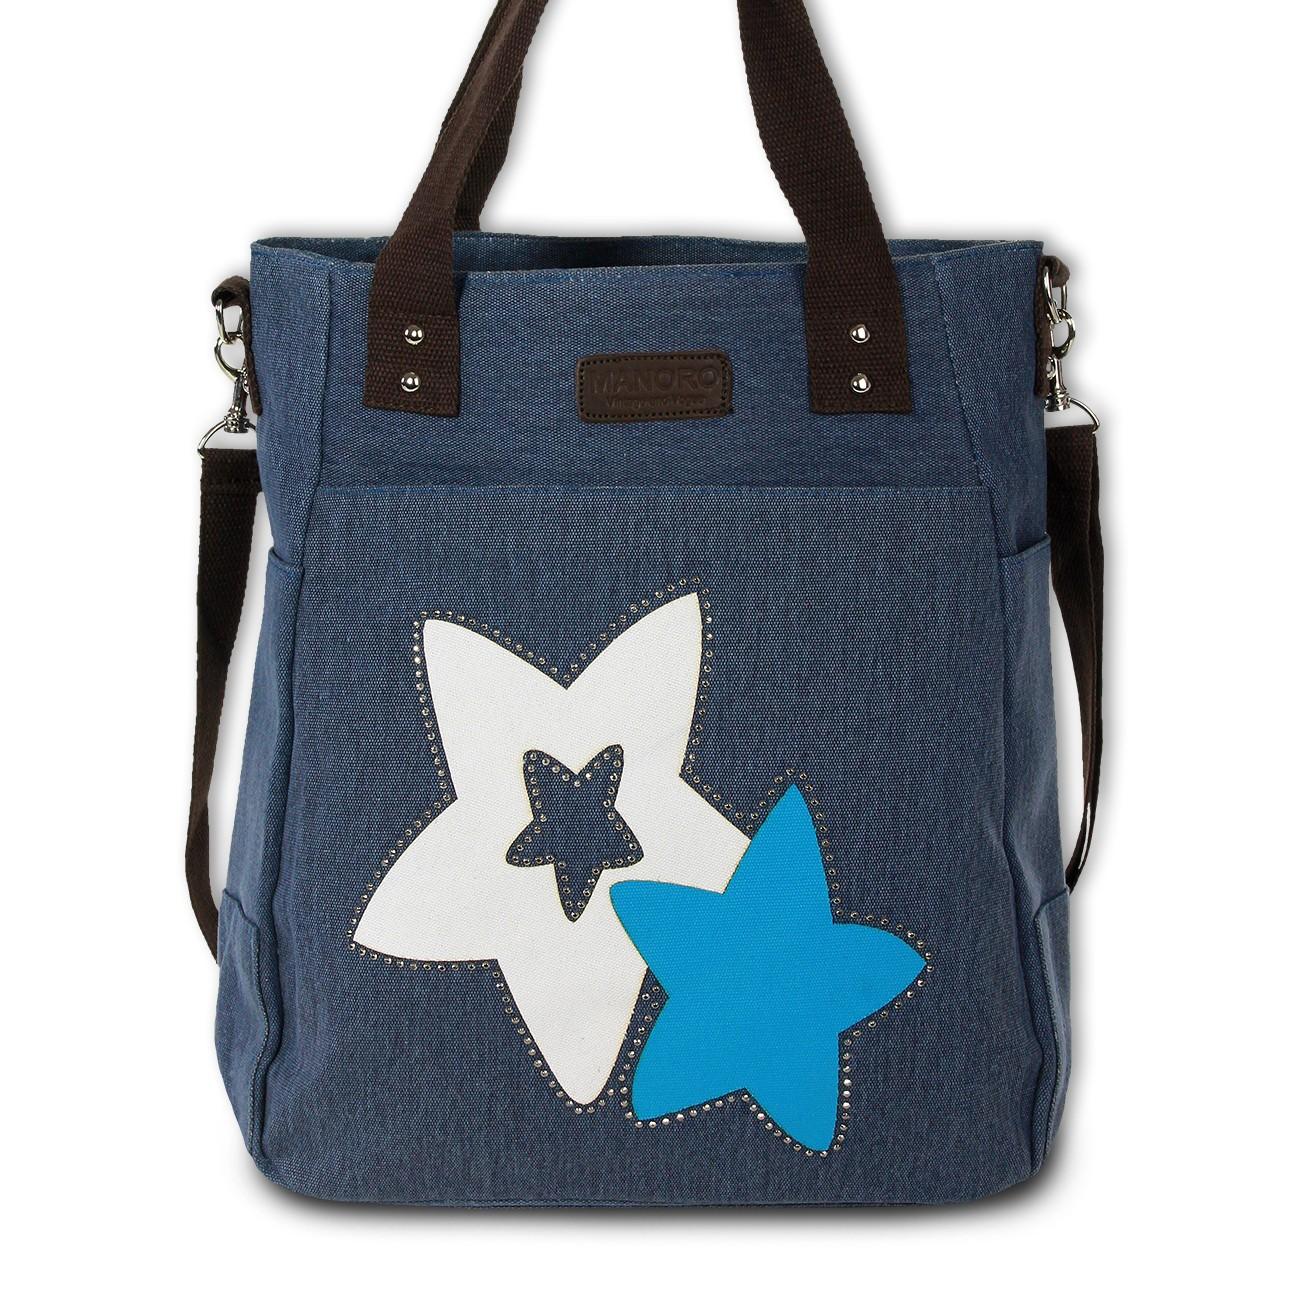 Henkeltasche Canvas blau Handtasche Shopper Stars Schultertasche Manoro OTK222B